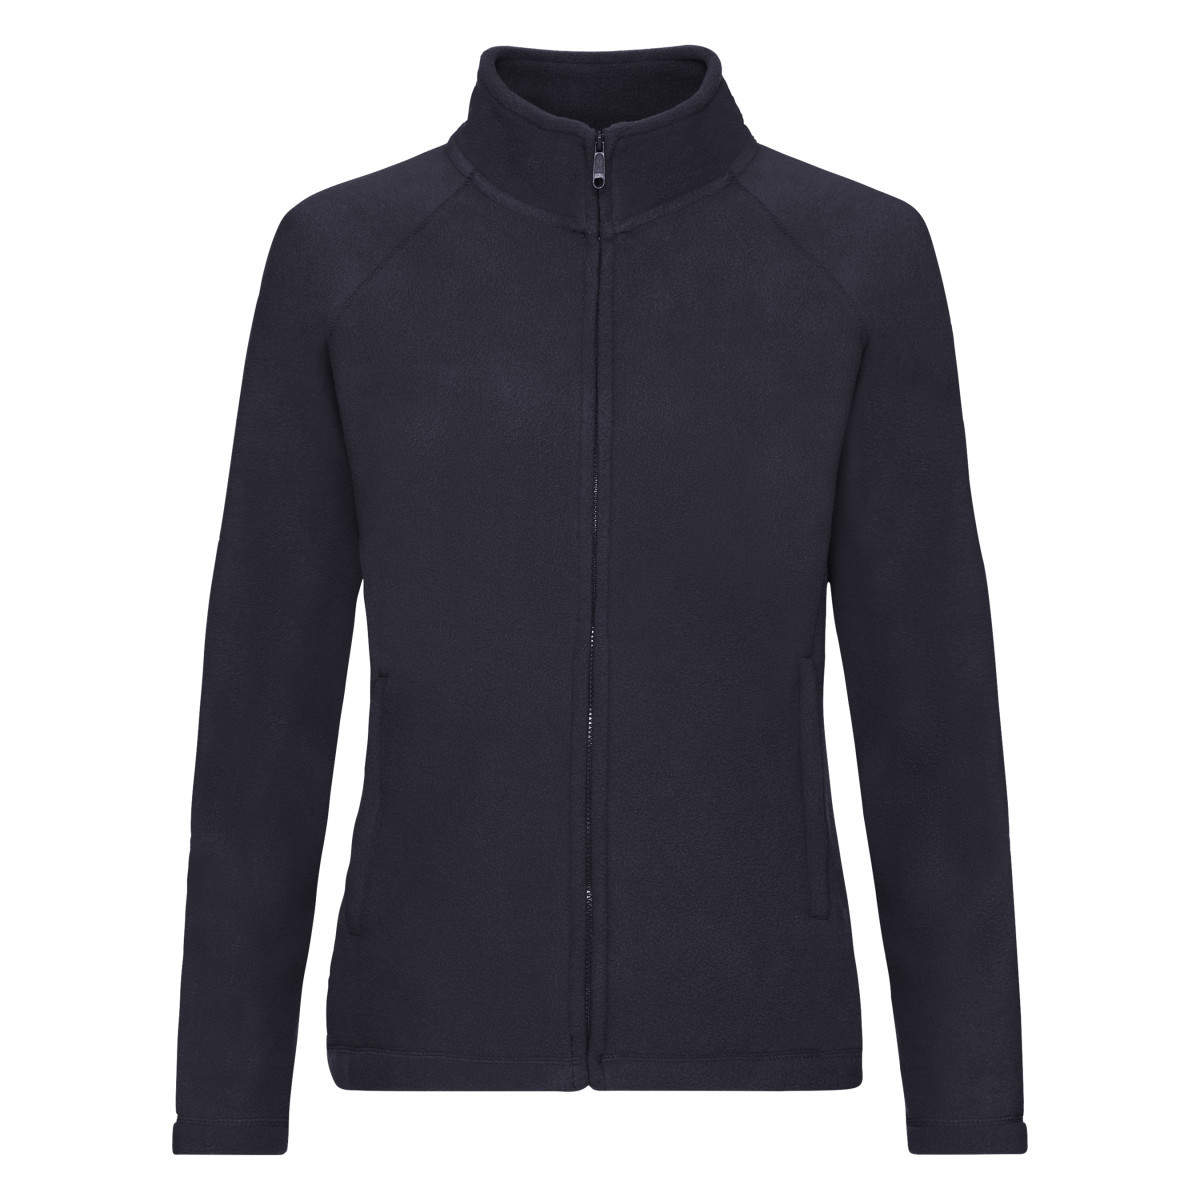 Lady-Fit Full Zip Fleece